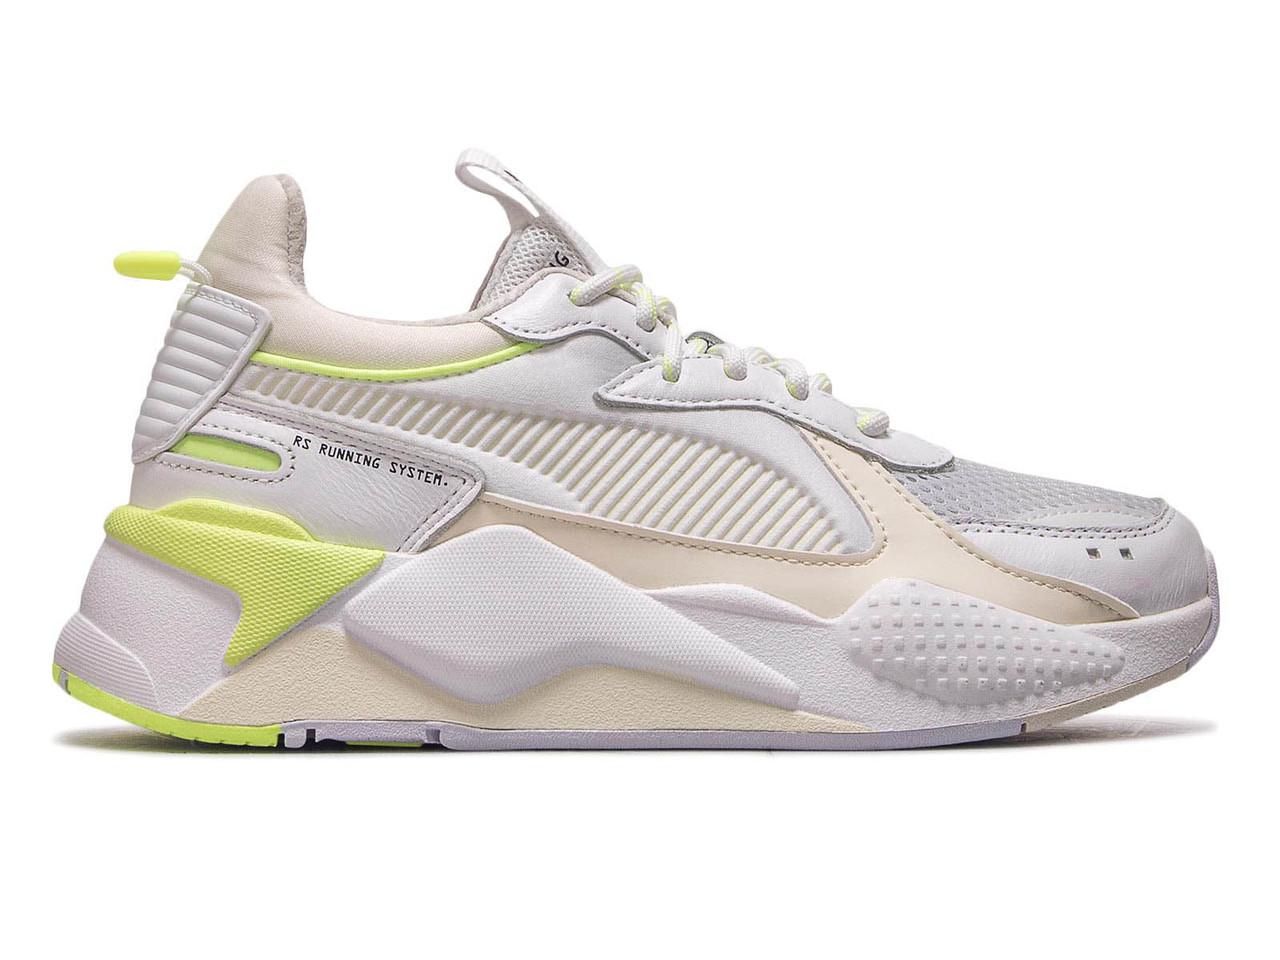 Оригинальные кроссовки Puma RS X Tracks